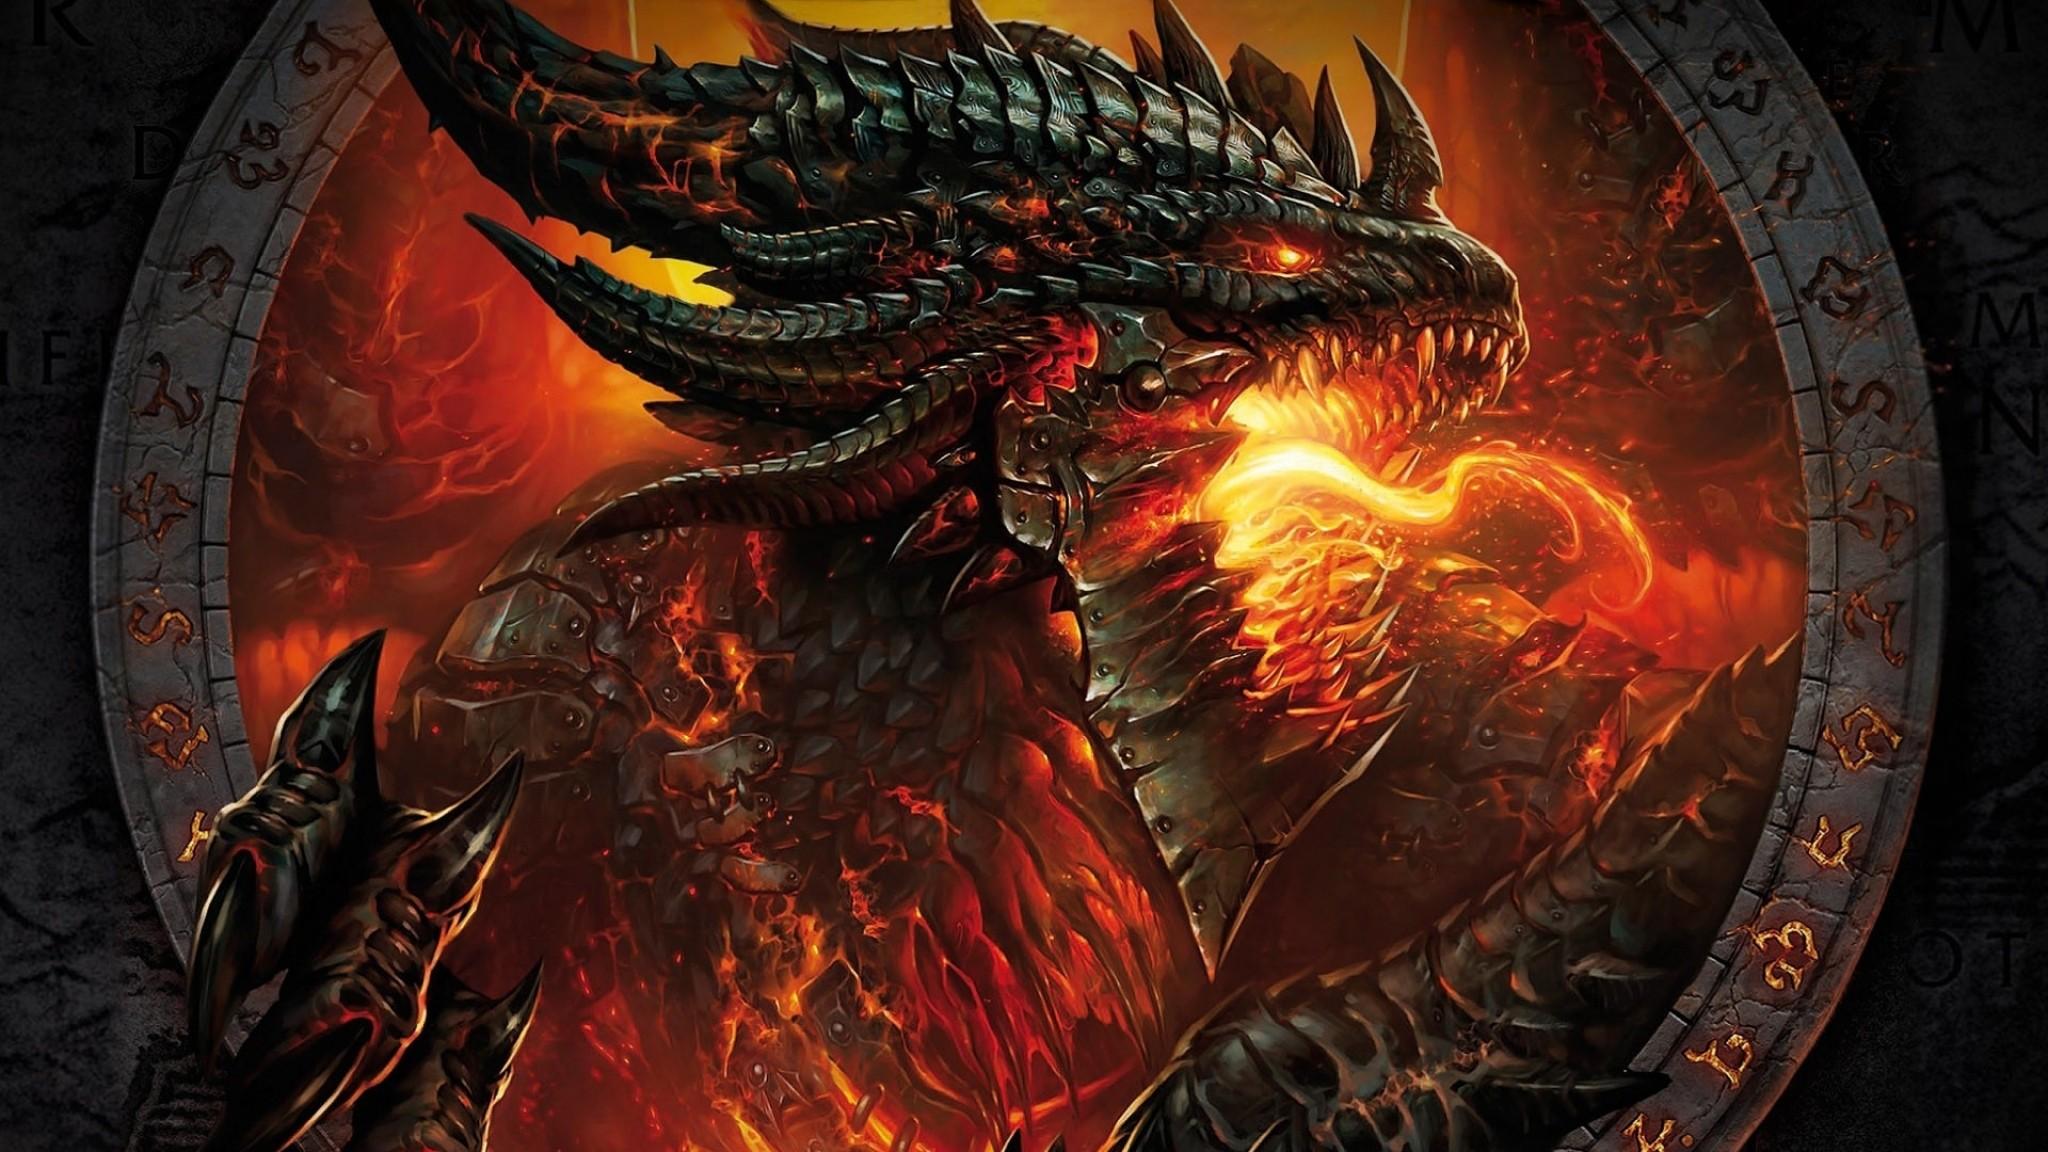 Wallpaper world of warcraft, face, fire, hands, monster